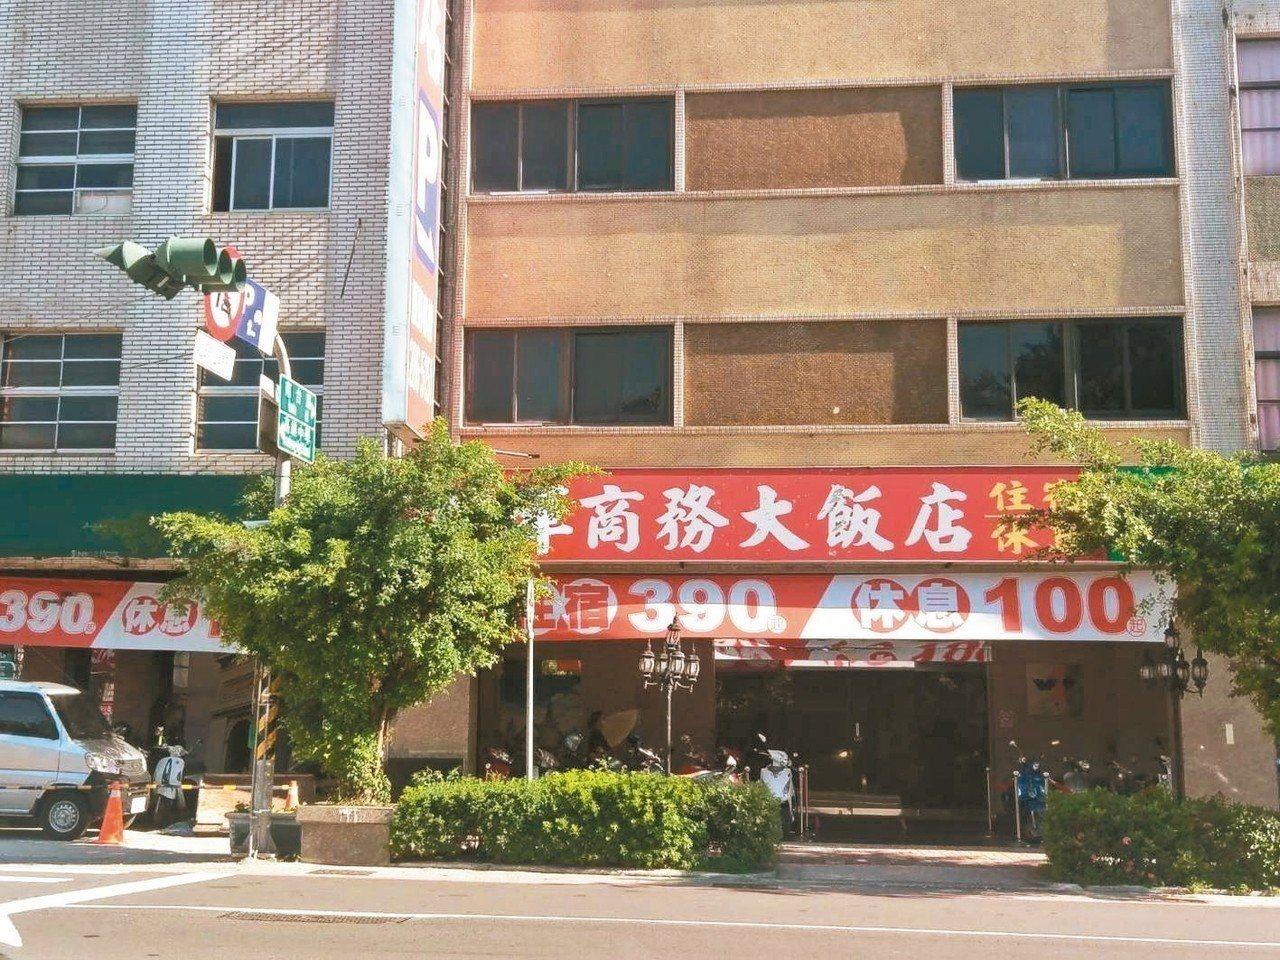 高雄市一家商旅高掛住宿390元起,讓許多觀光客嘖嘖稱奇。 記者謝梅芬/攝影